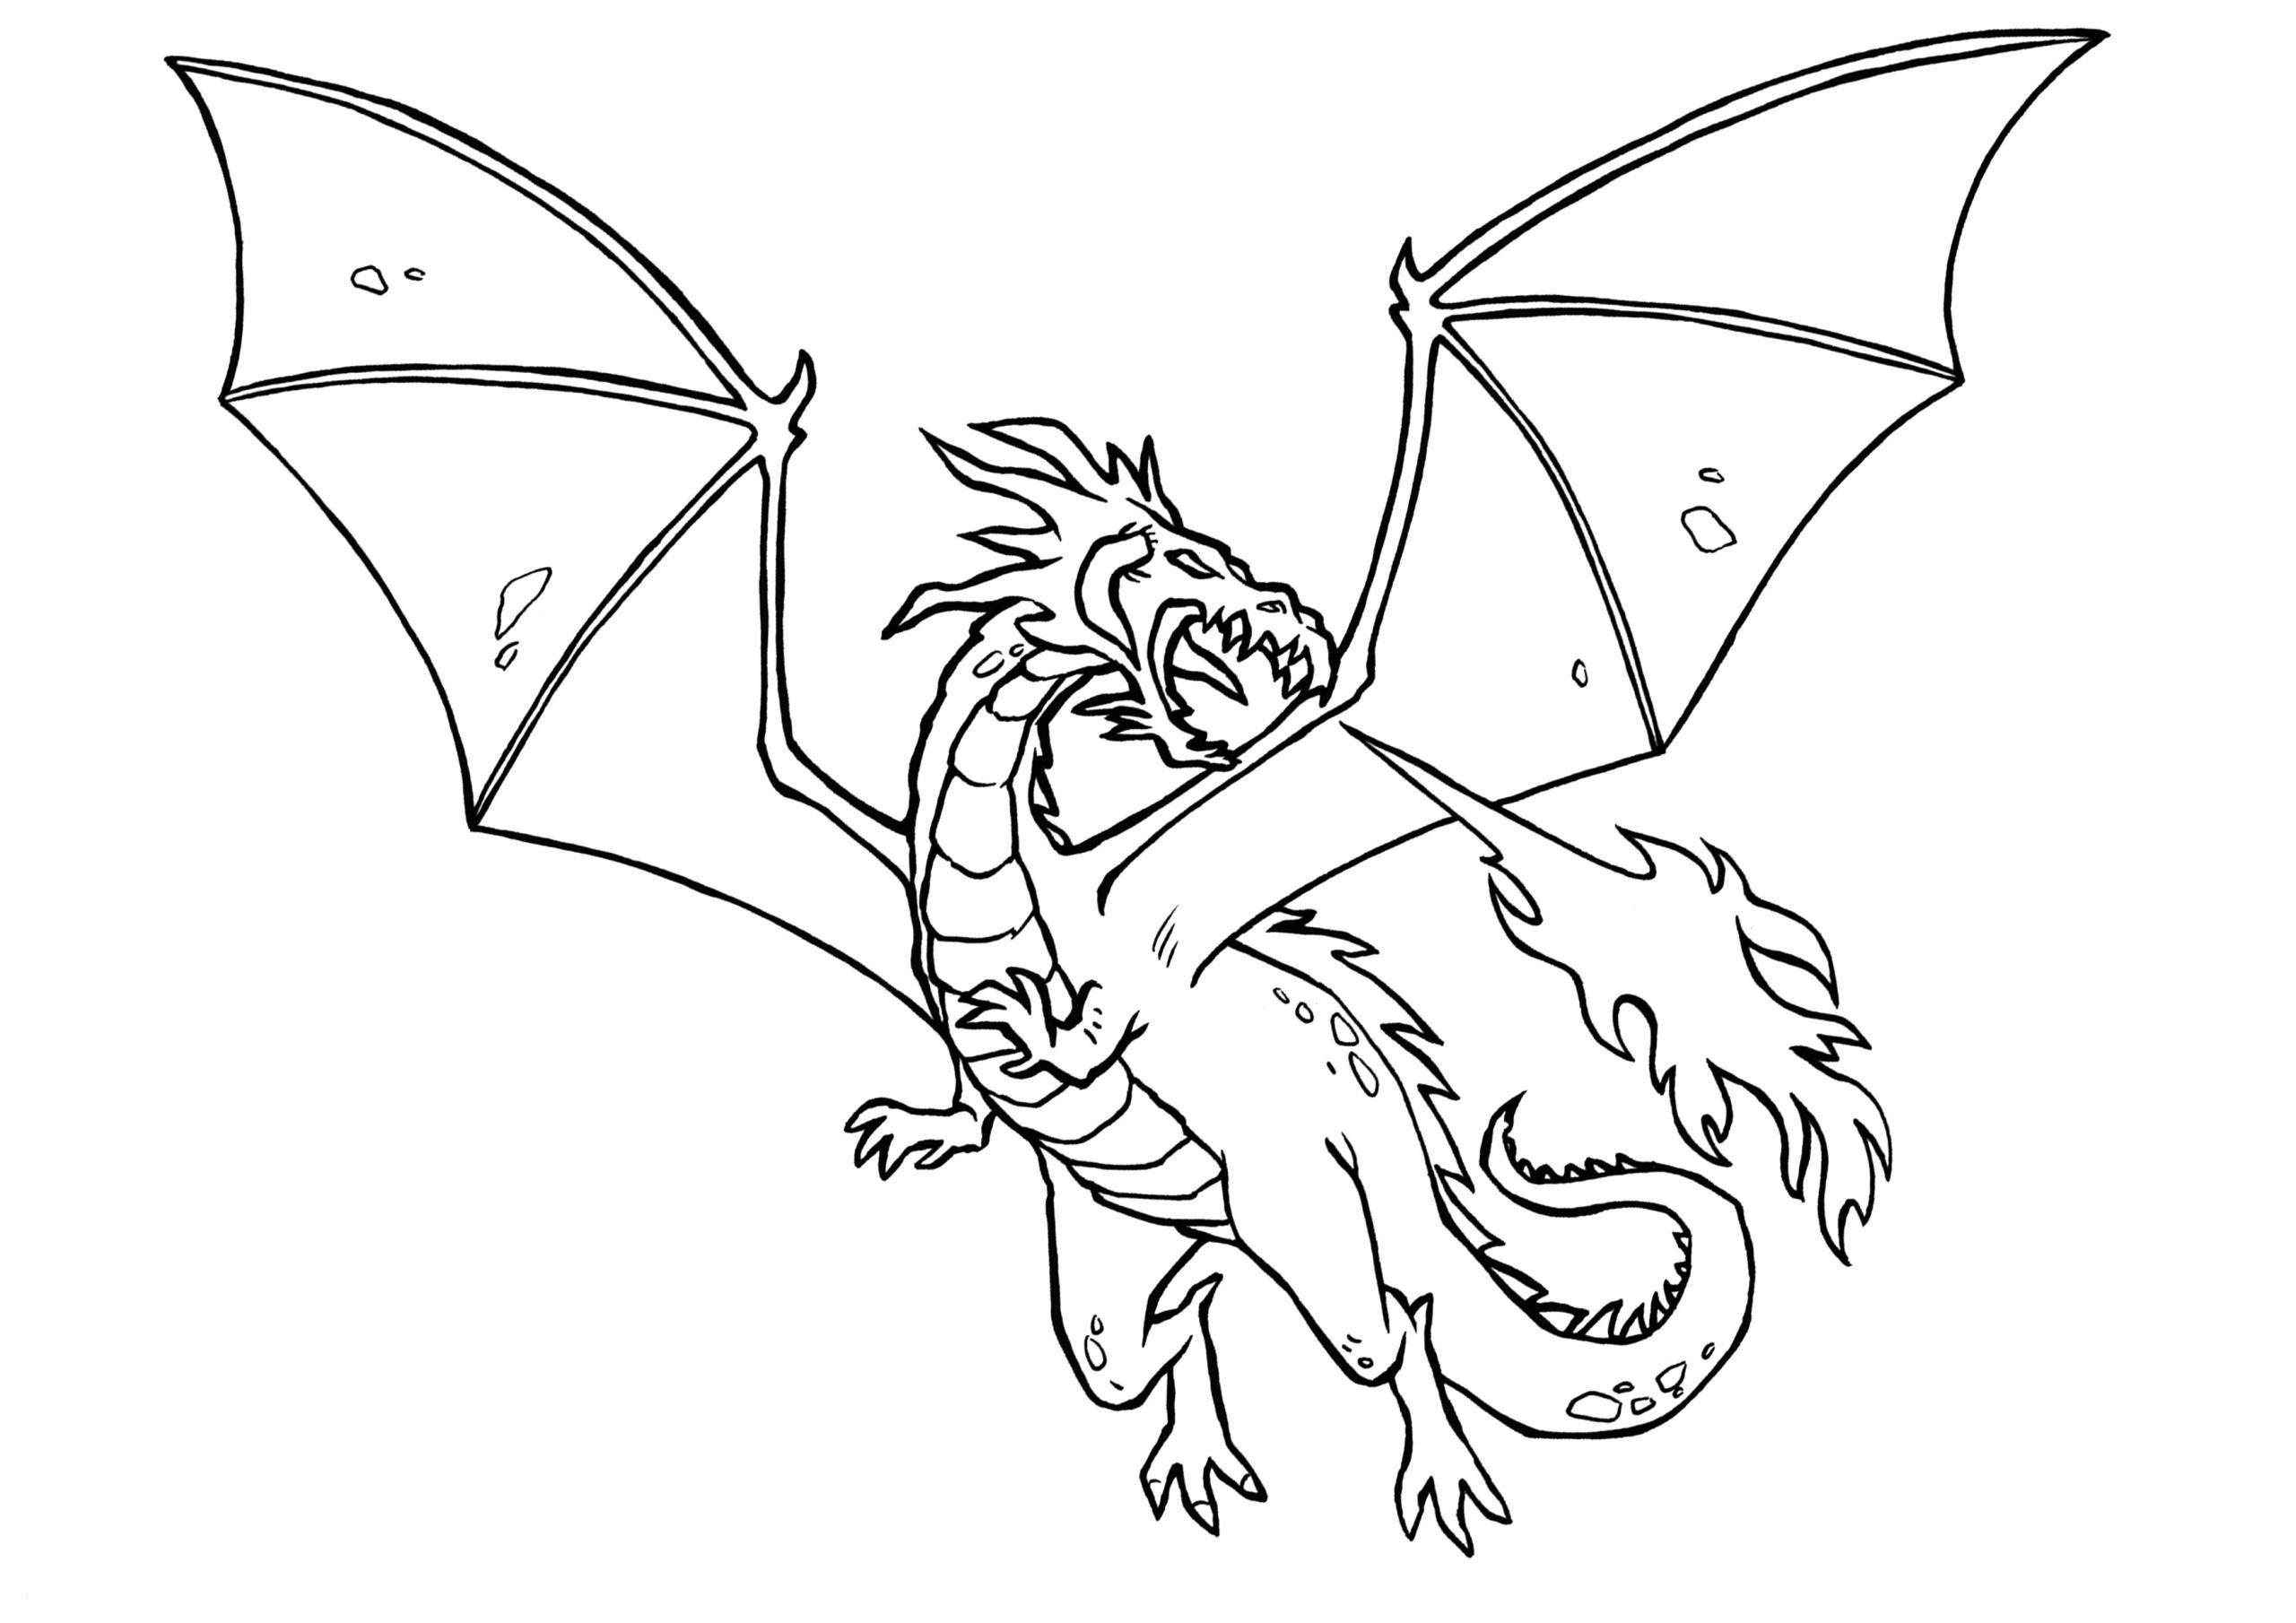 Malvorlagen Von Drachen - Malvorlagen Für Kinder bei Drachen Bilder Zum Ausmalen Und Ausdrucken